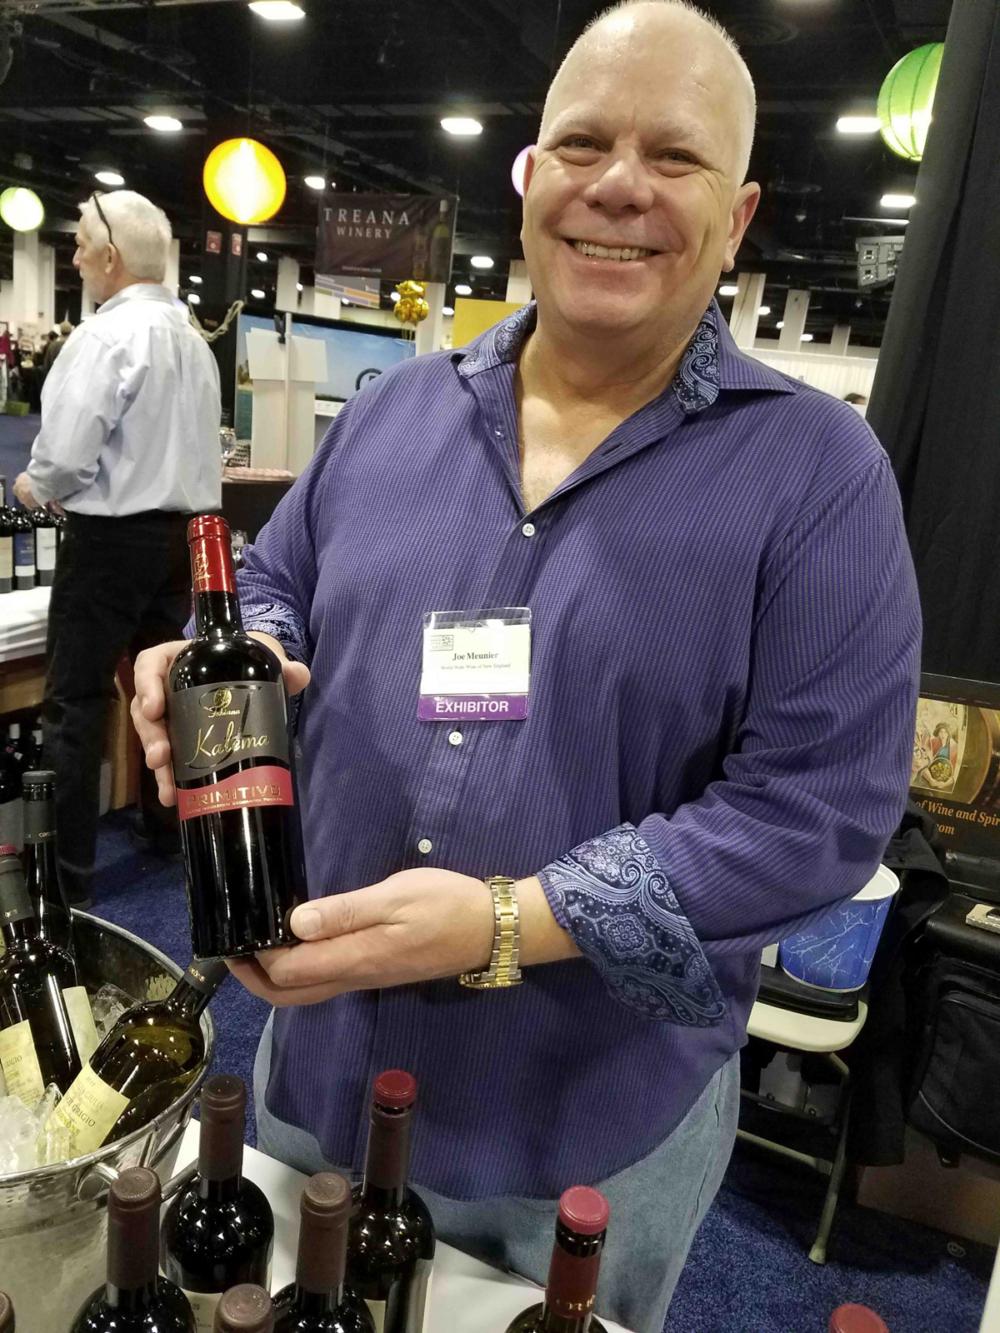 Some of the wines former trucker Joe Meunier, distributes through his company, World Wide Wine of England, include, Fabiana Kalema Primitivo Salento IGT 2012, Cormons Schioppettino Collio DOC 2013, and Gino Alteo Amarone della Valpolicella Classico 2010.